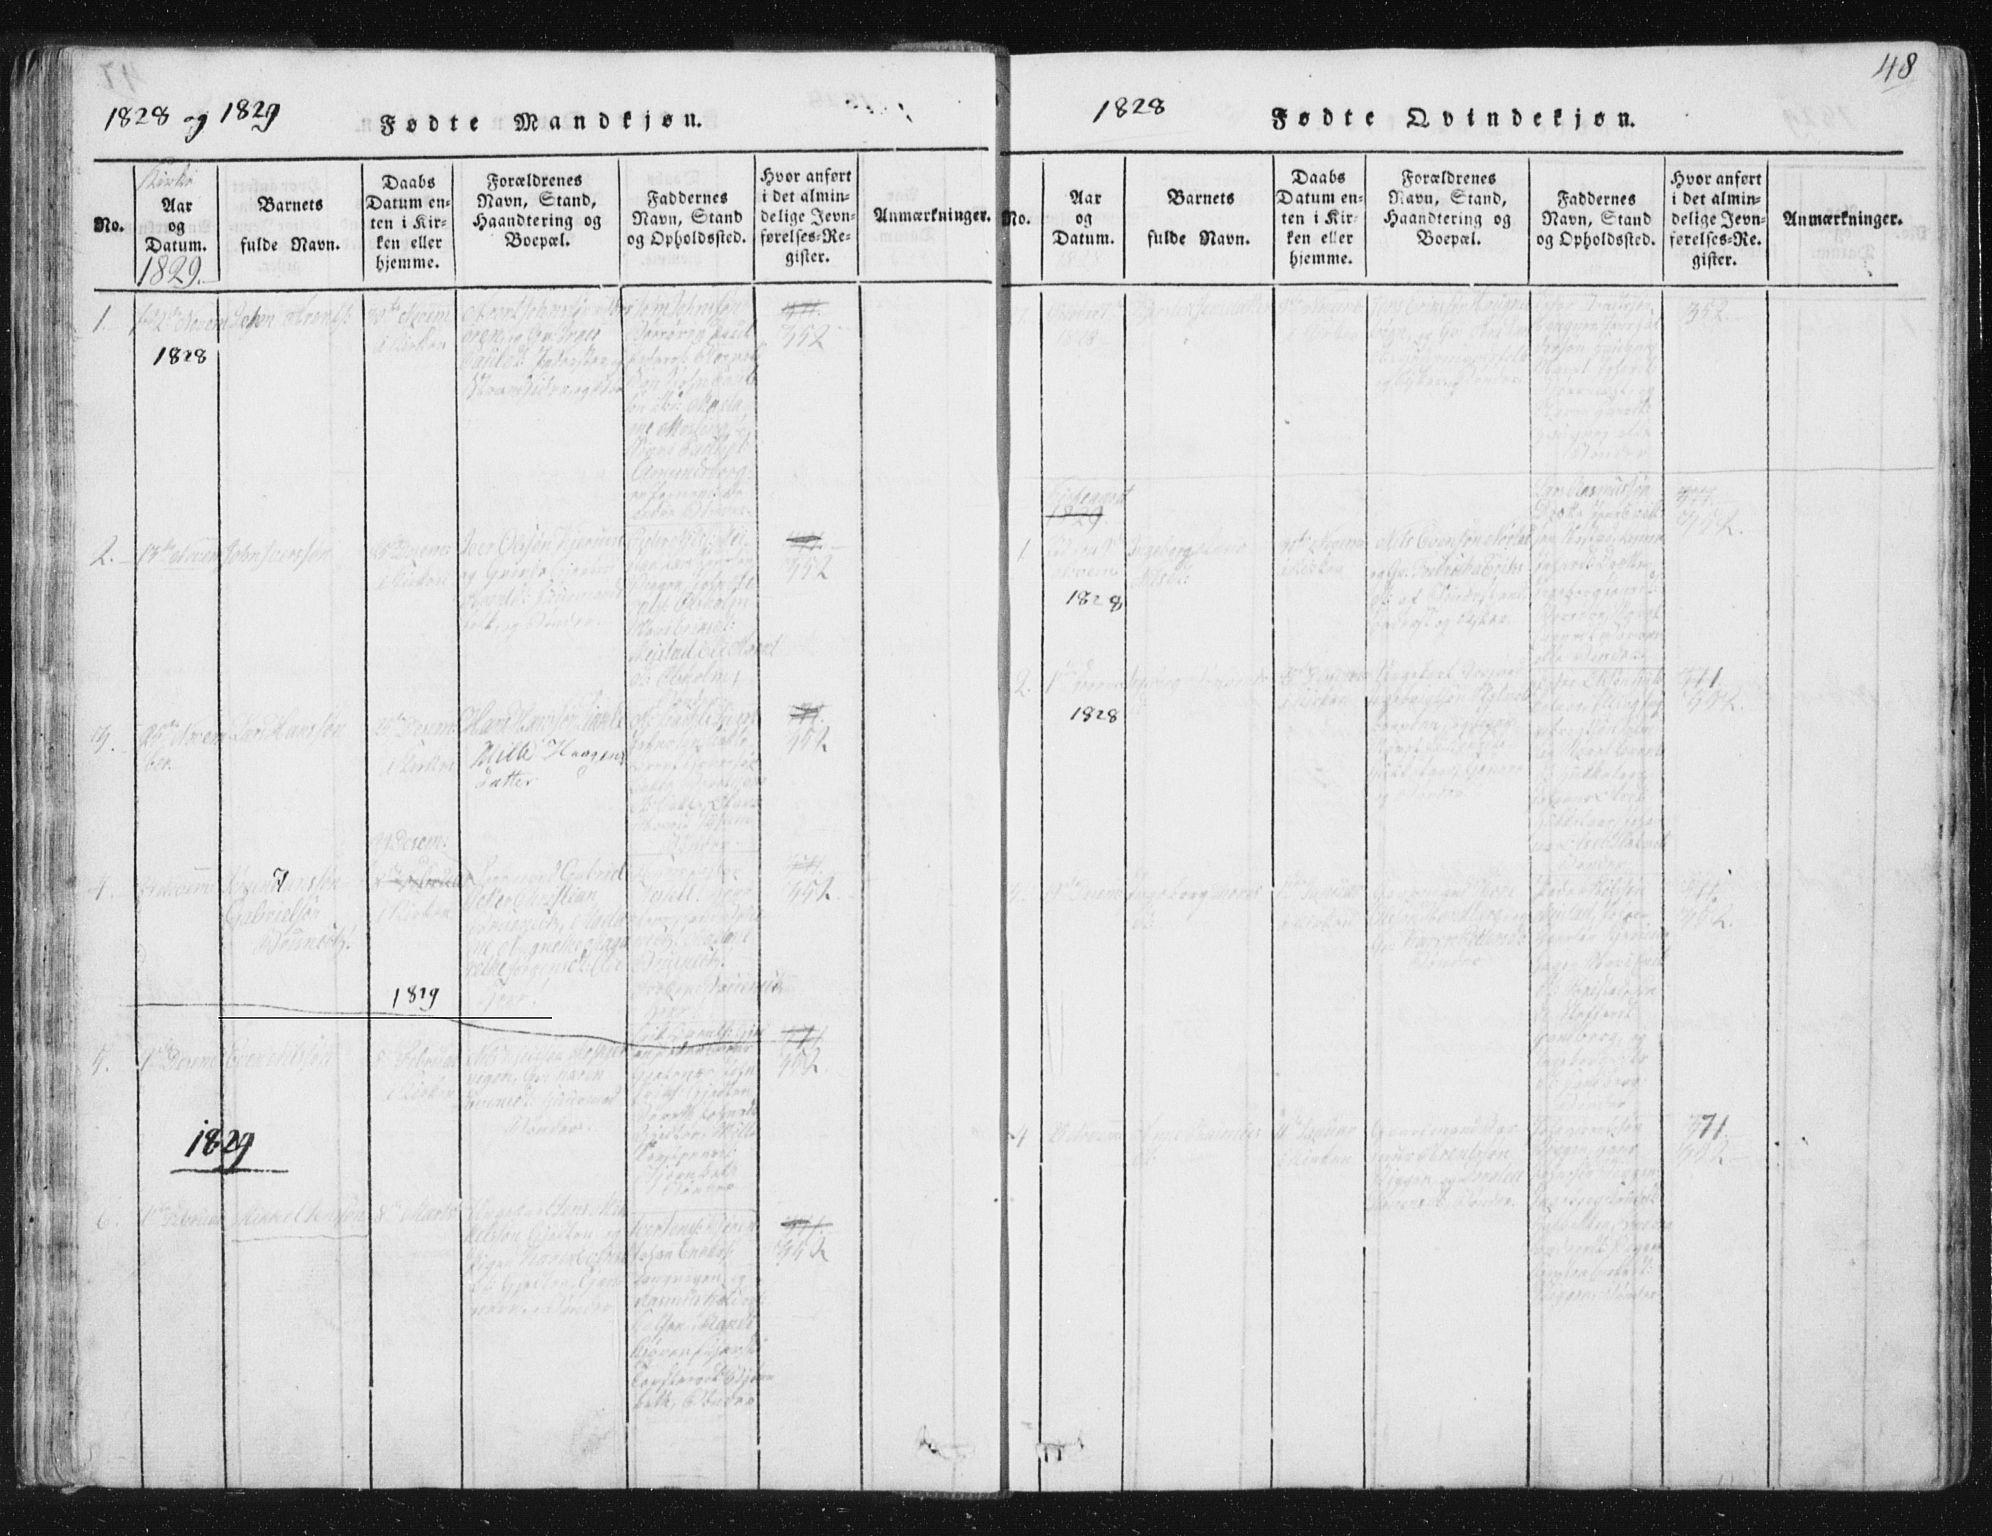 SAT, Ministerialprotokoller, klokkerbøker og fødselsregistre - Sør-Trøndelag, 665/L0770: Ministerialbok nr. 665A05, 1817-1829, s. 48